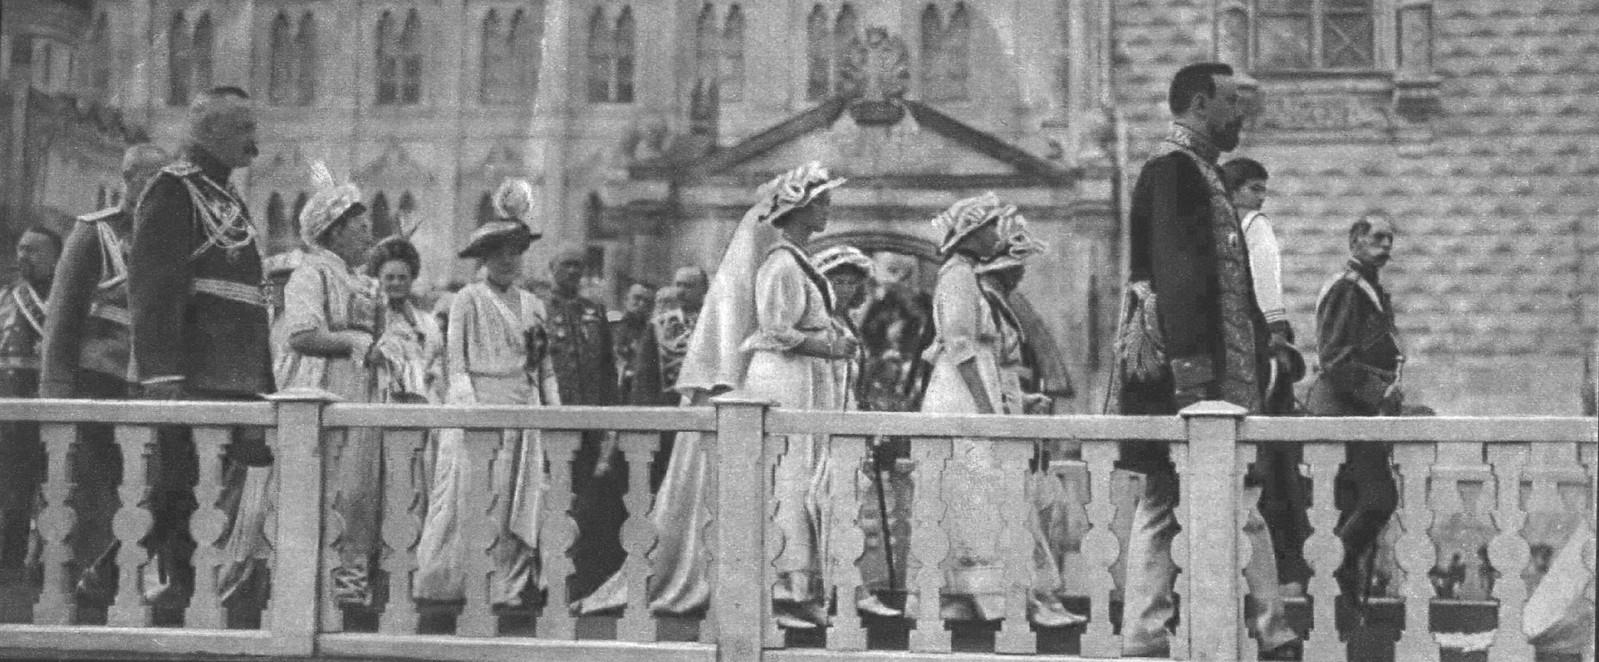 Шествие Их Императорских Высочеств Августейших дочерей в Успенский Собор